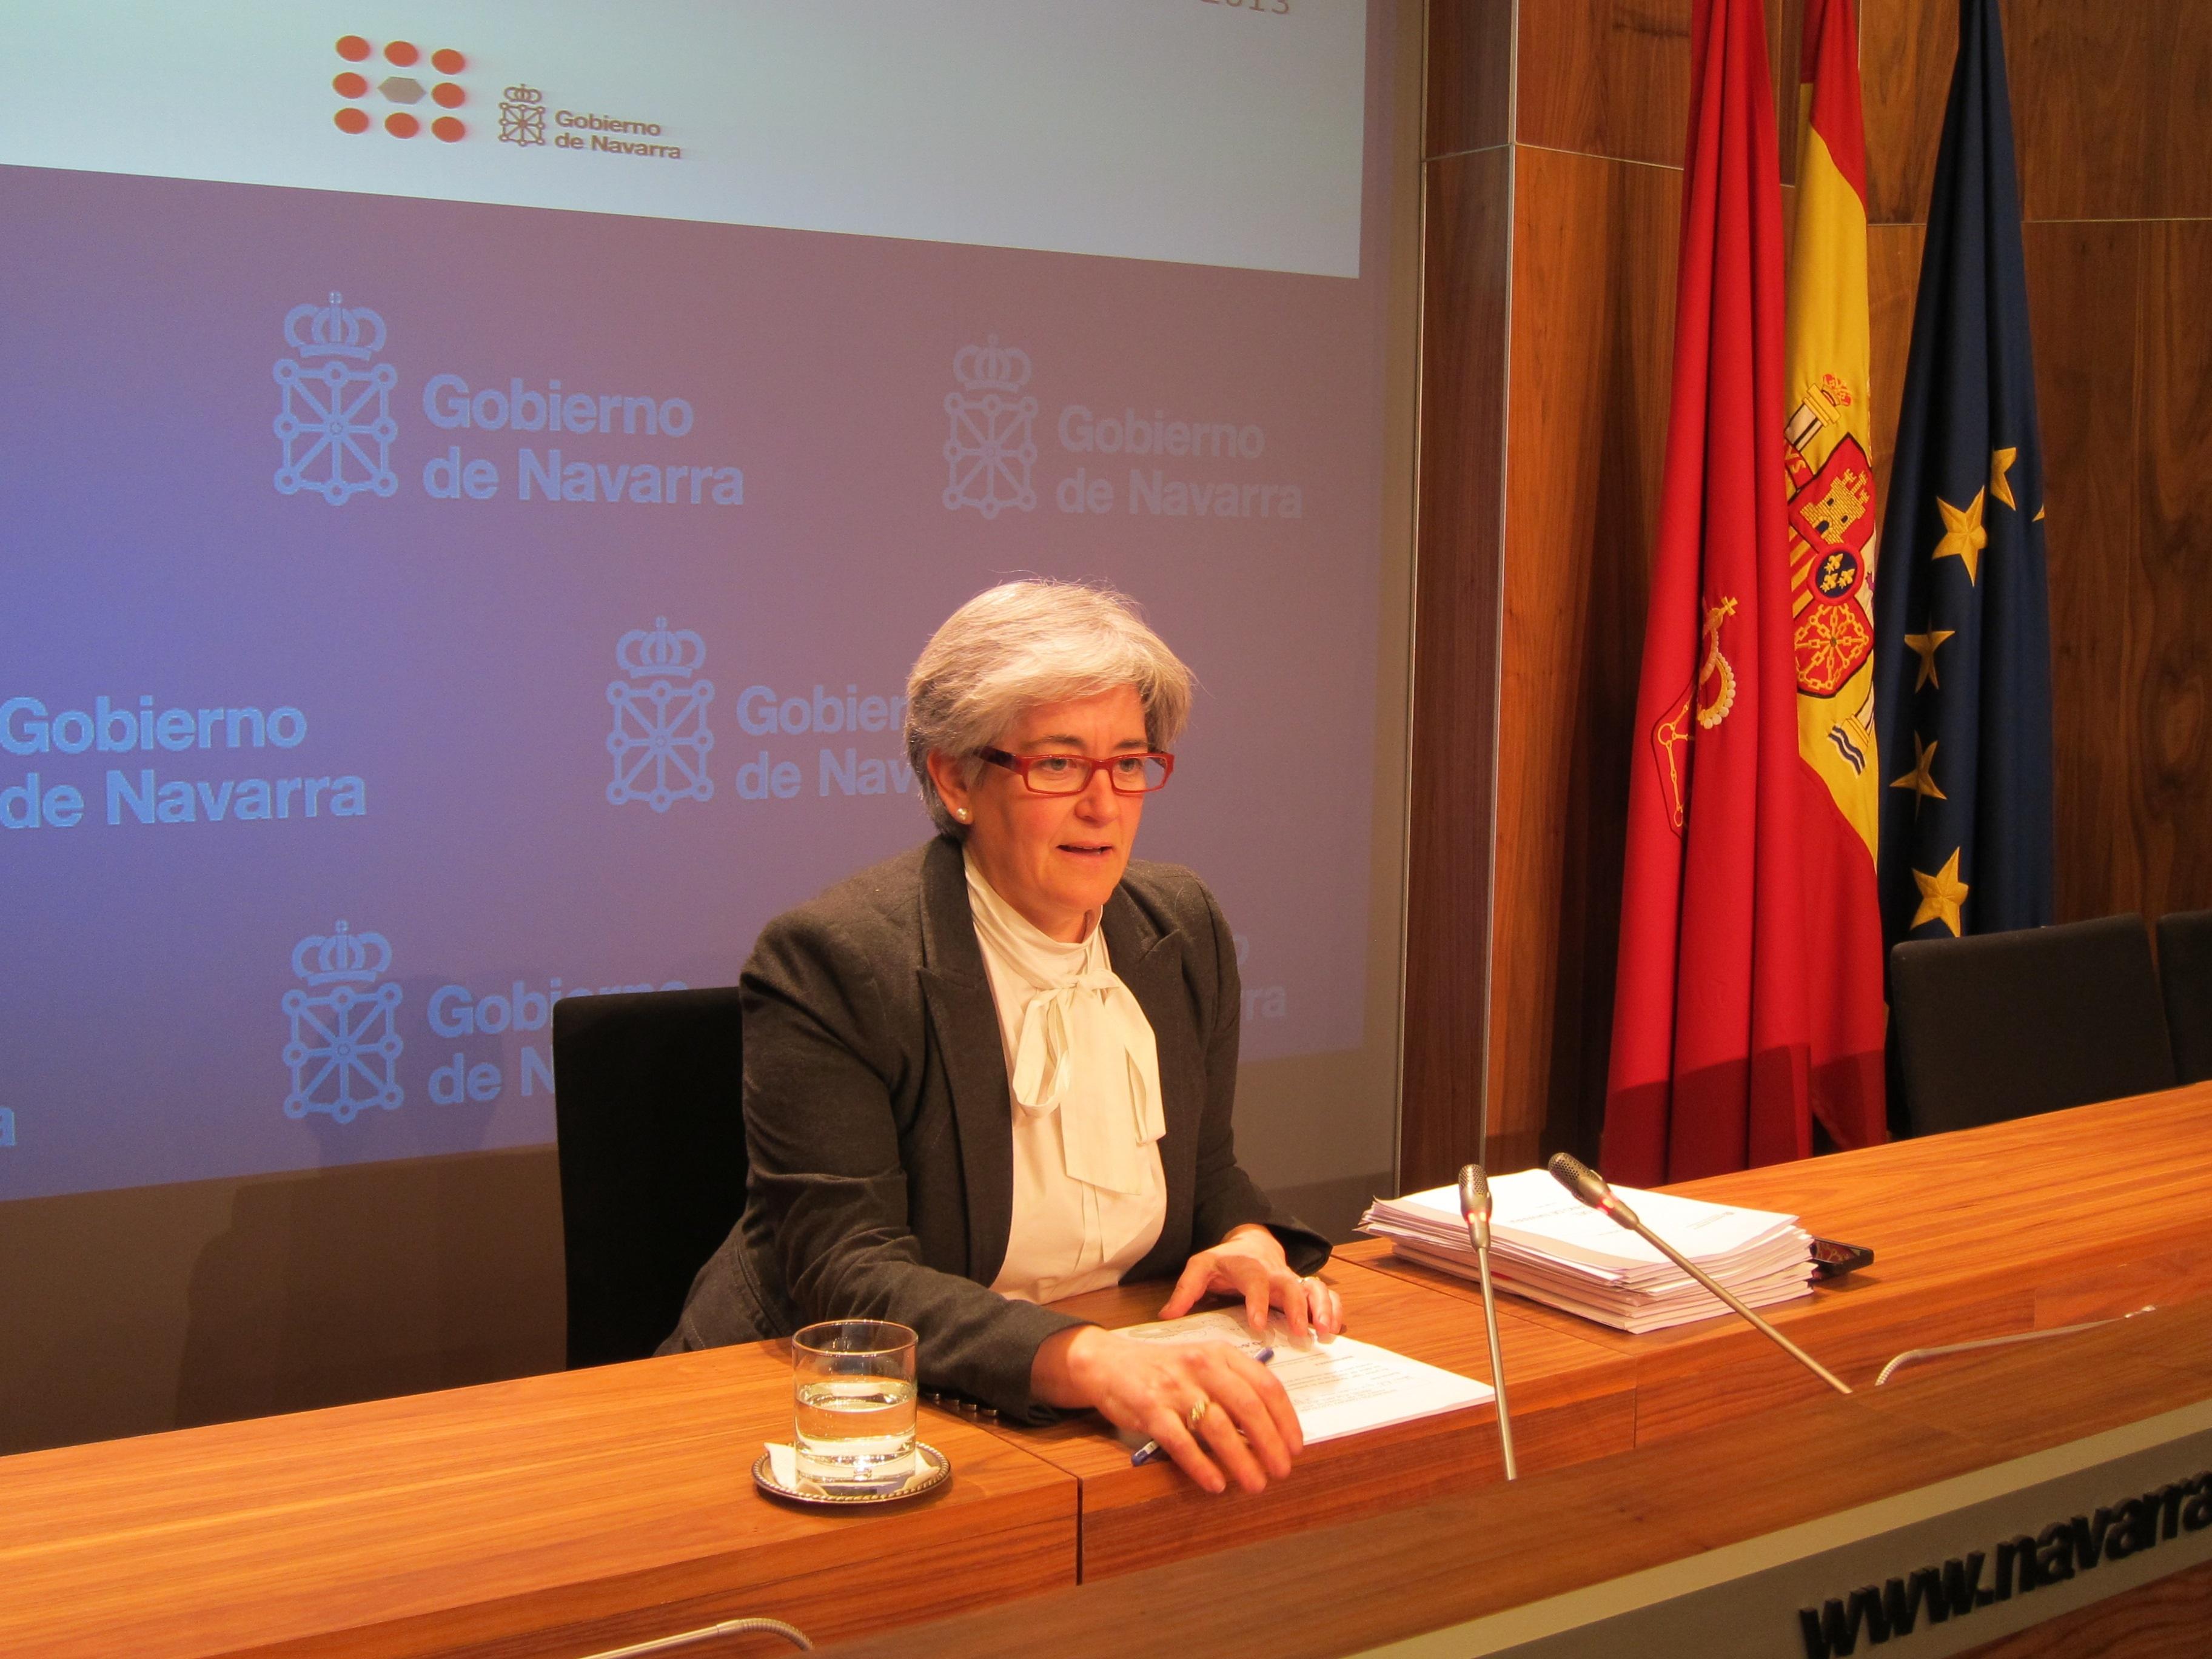 El Gobierno de Navarra insiste en que «no se penalice» con el objetivo de déficit a las CCAA que cumplieron en 2012